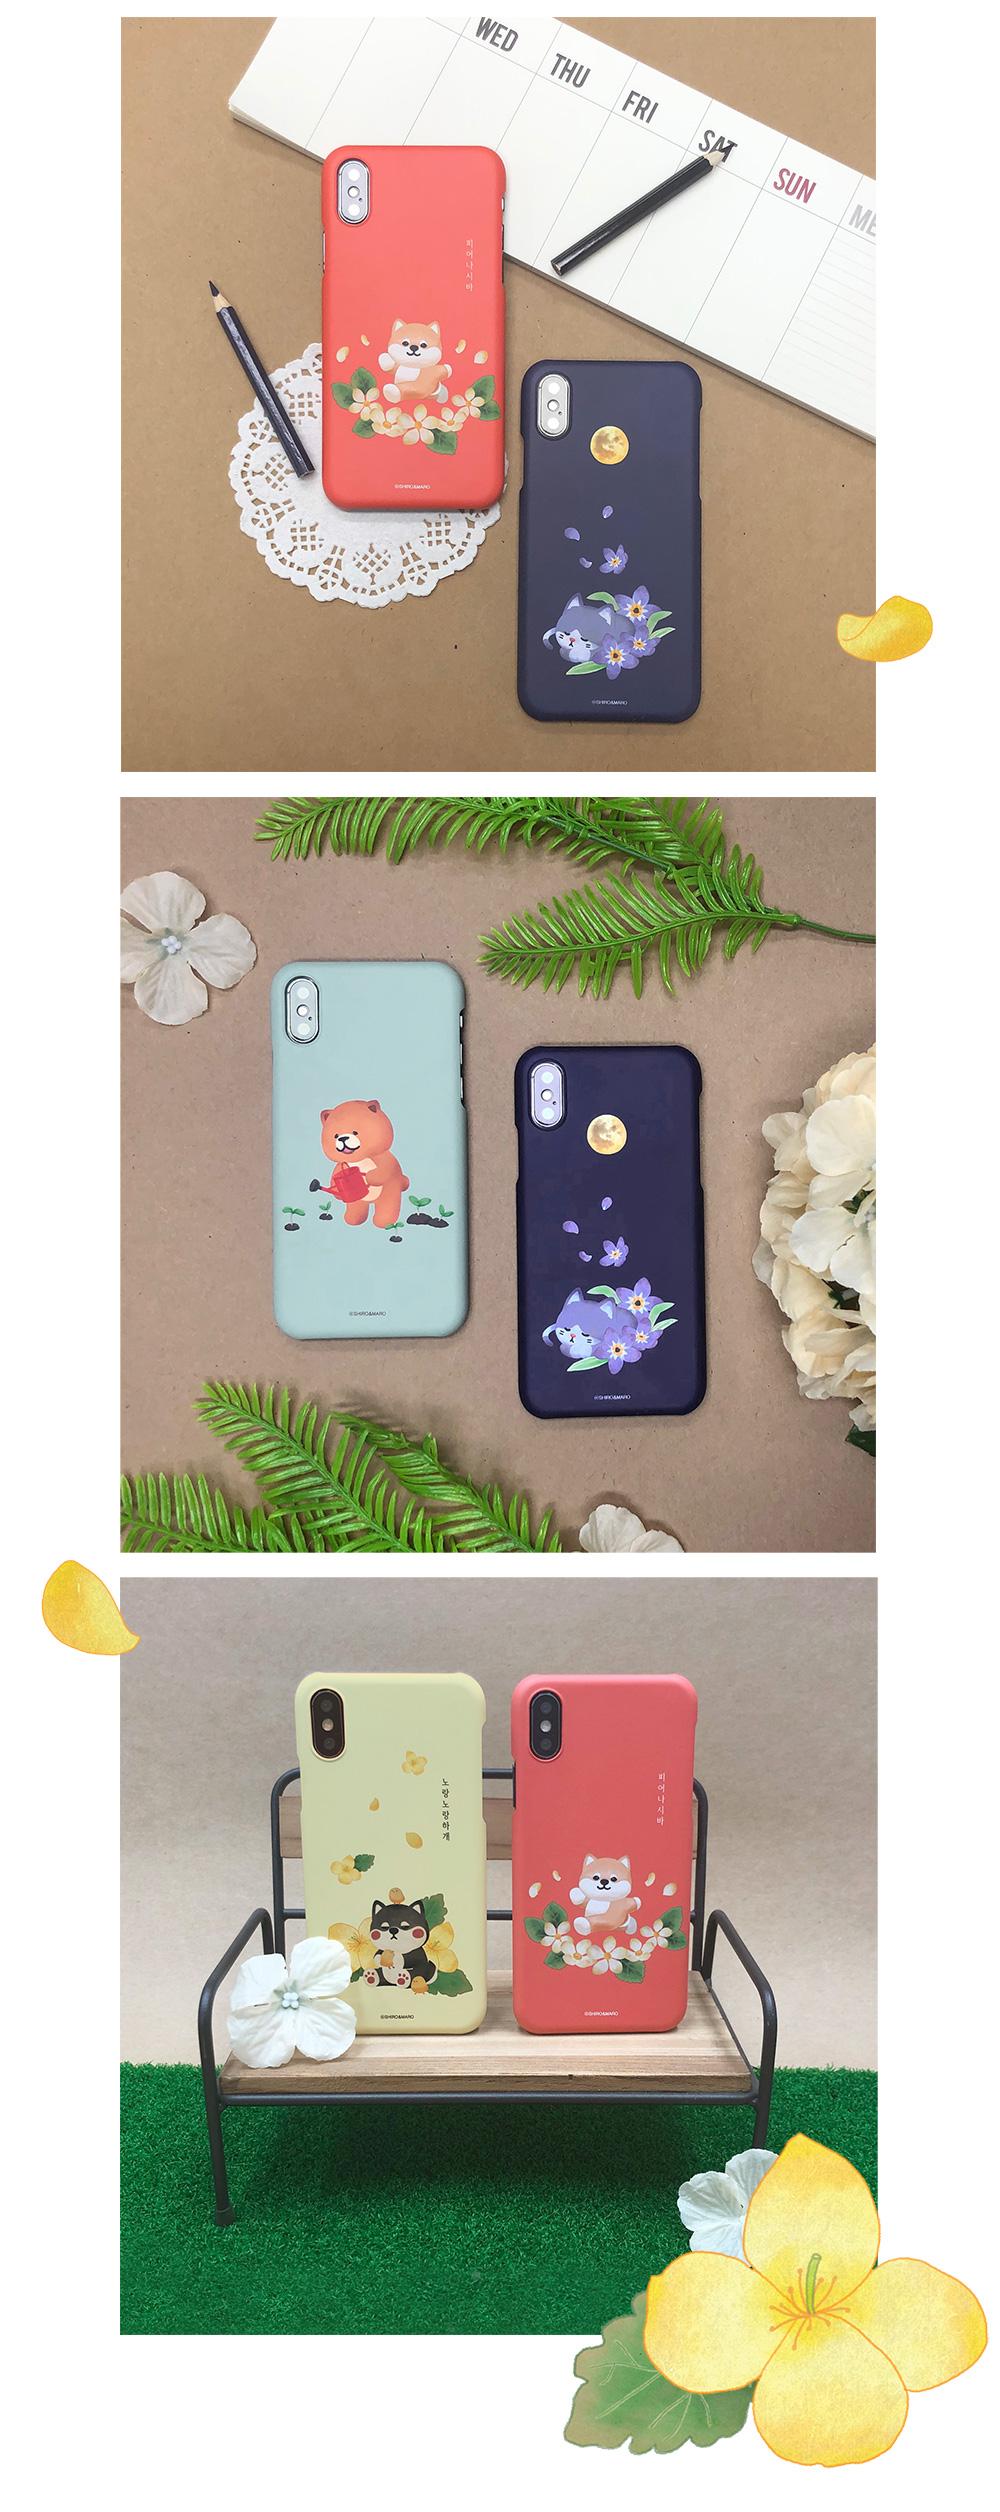 시로앤마로 수채화 슬림핏 하드 케이스 아이폰11PRO MAX - 시로&마로 모바일, 14,900원, 케이스, 아이폰 11 Pro MAX